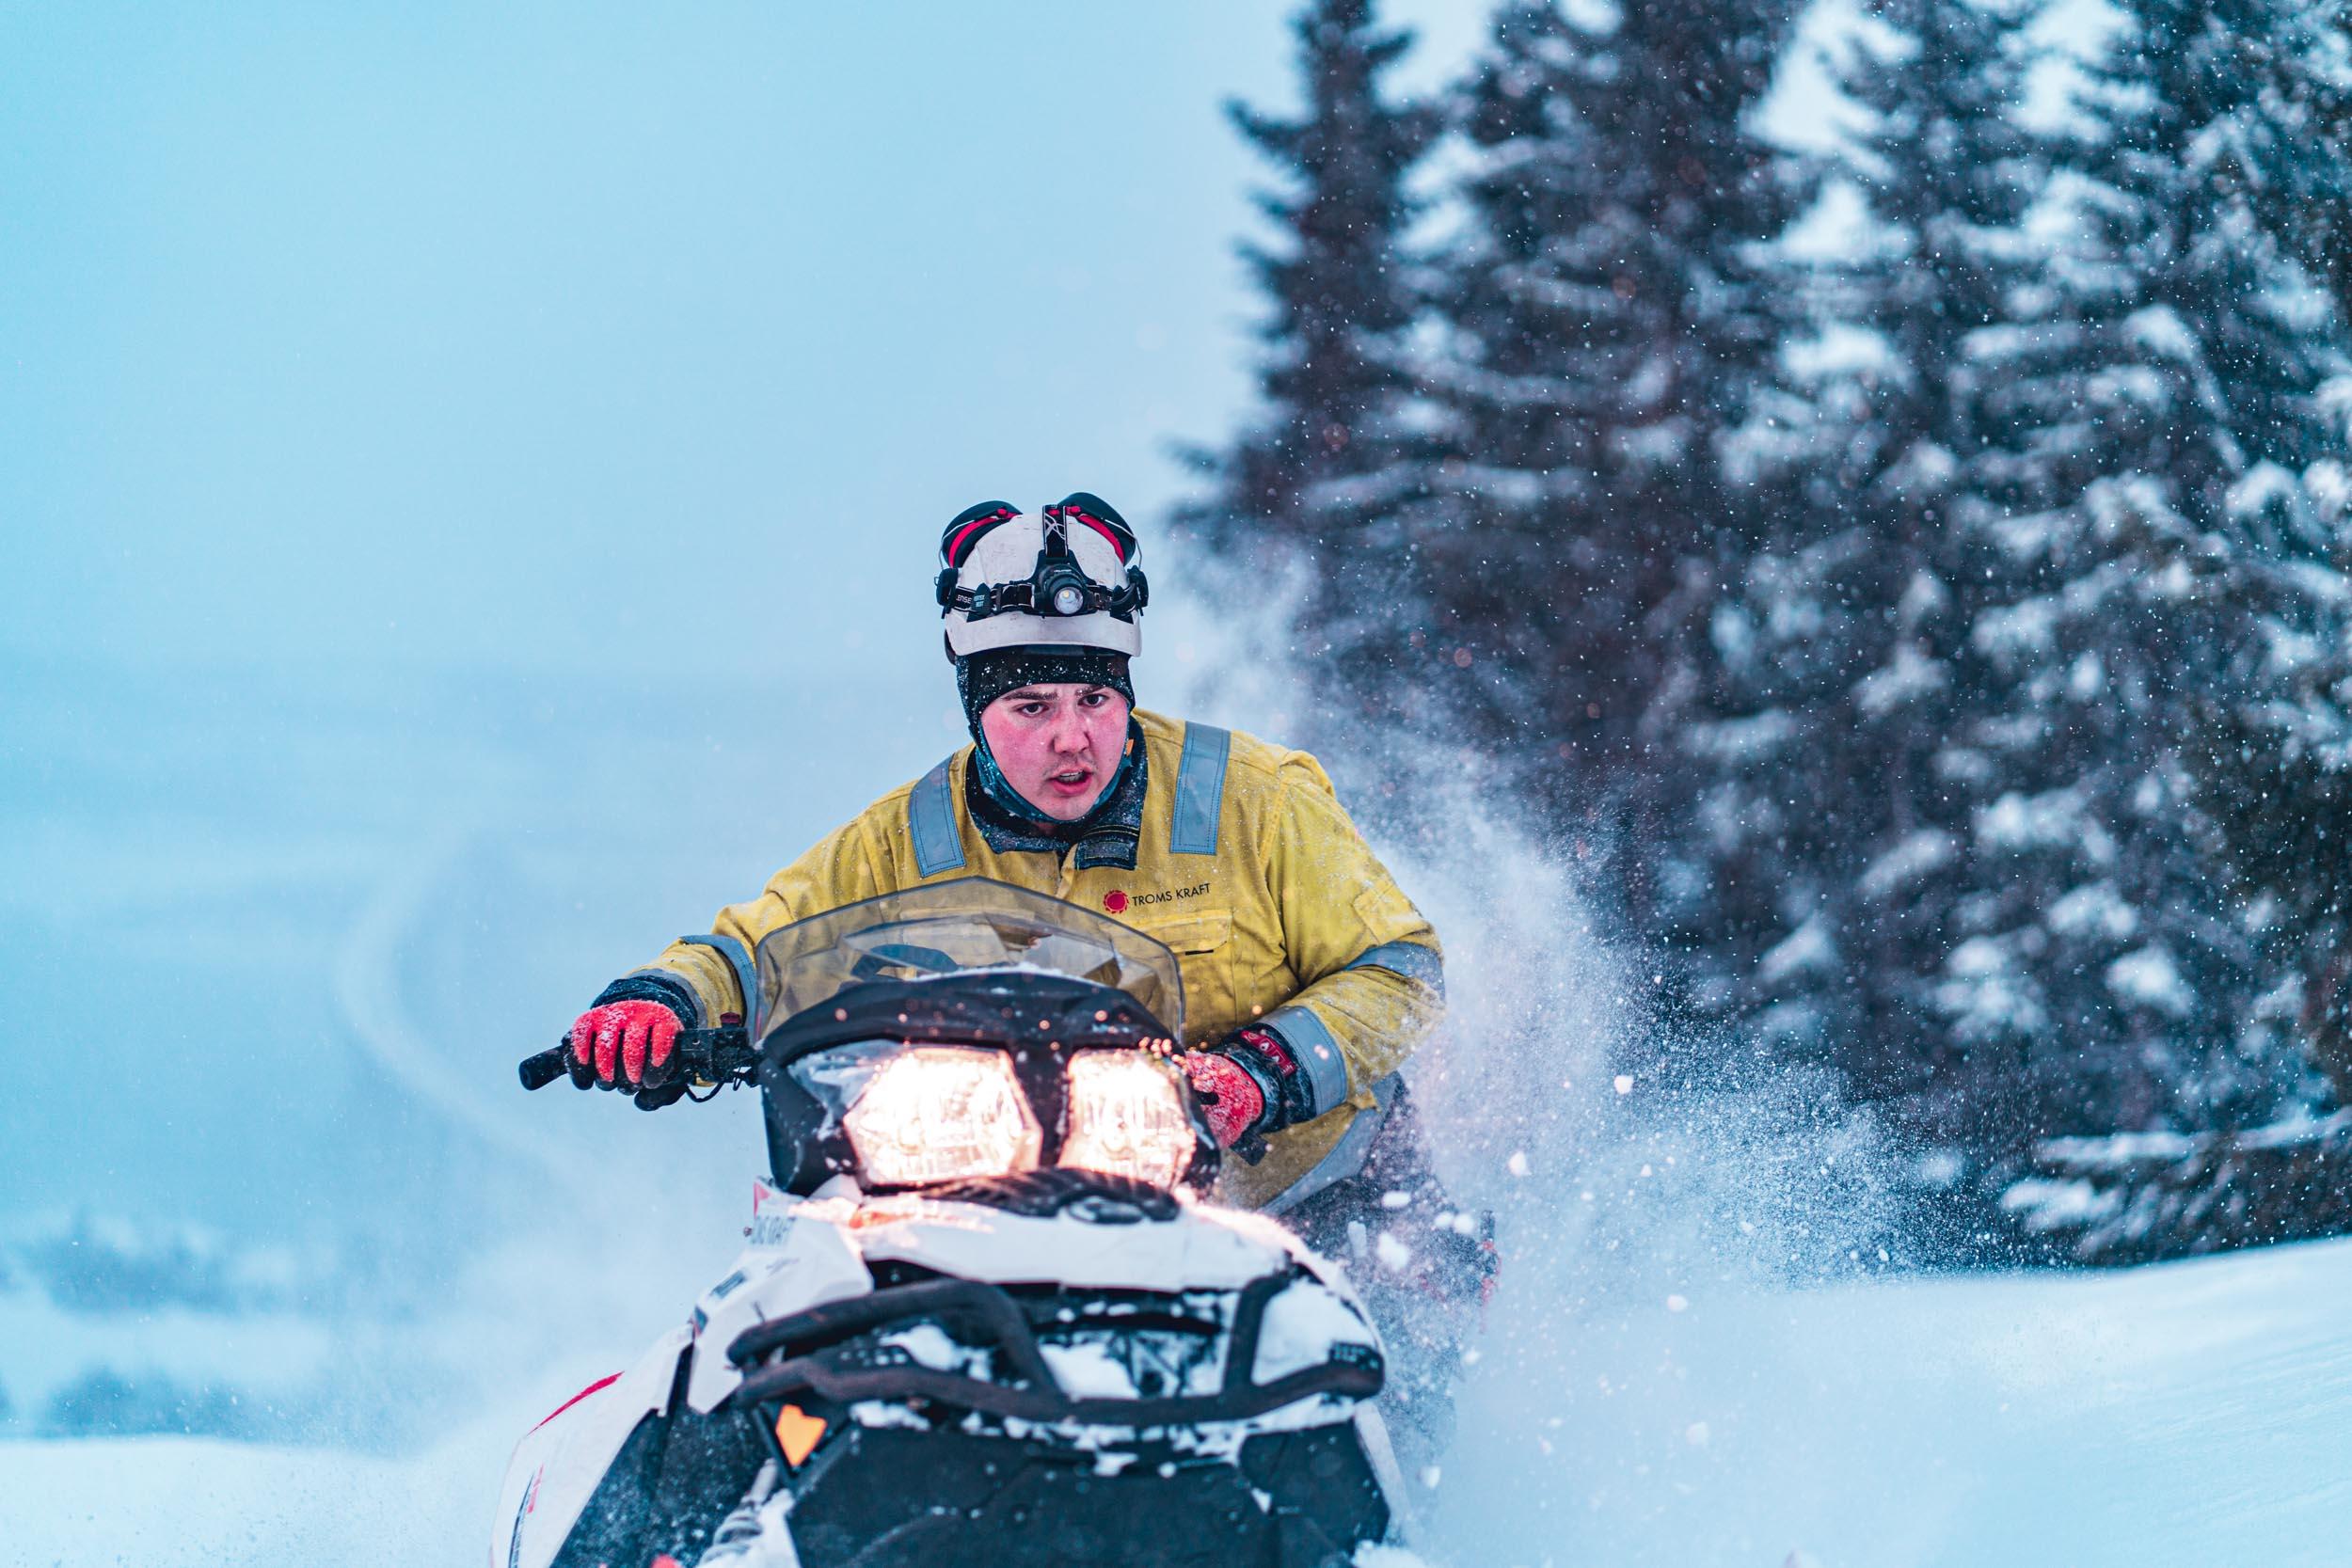 Energimontør på snøscooter